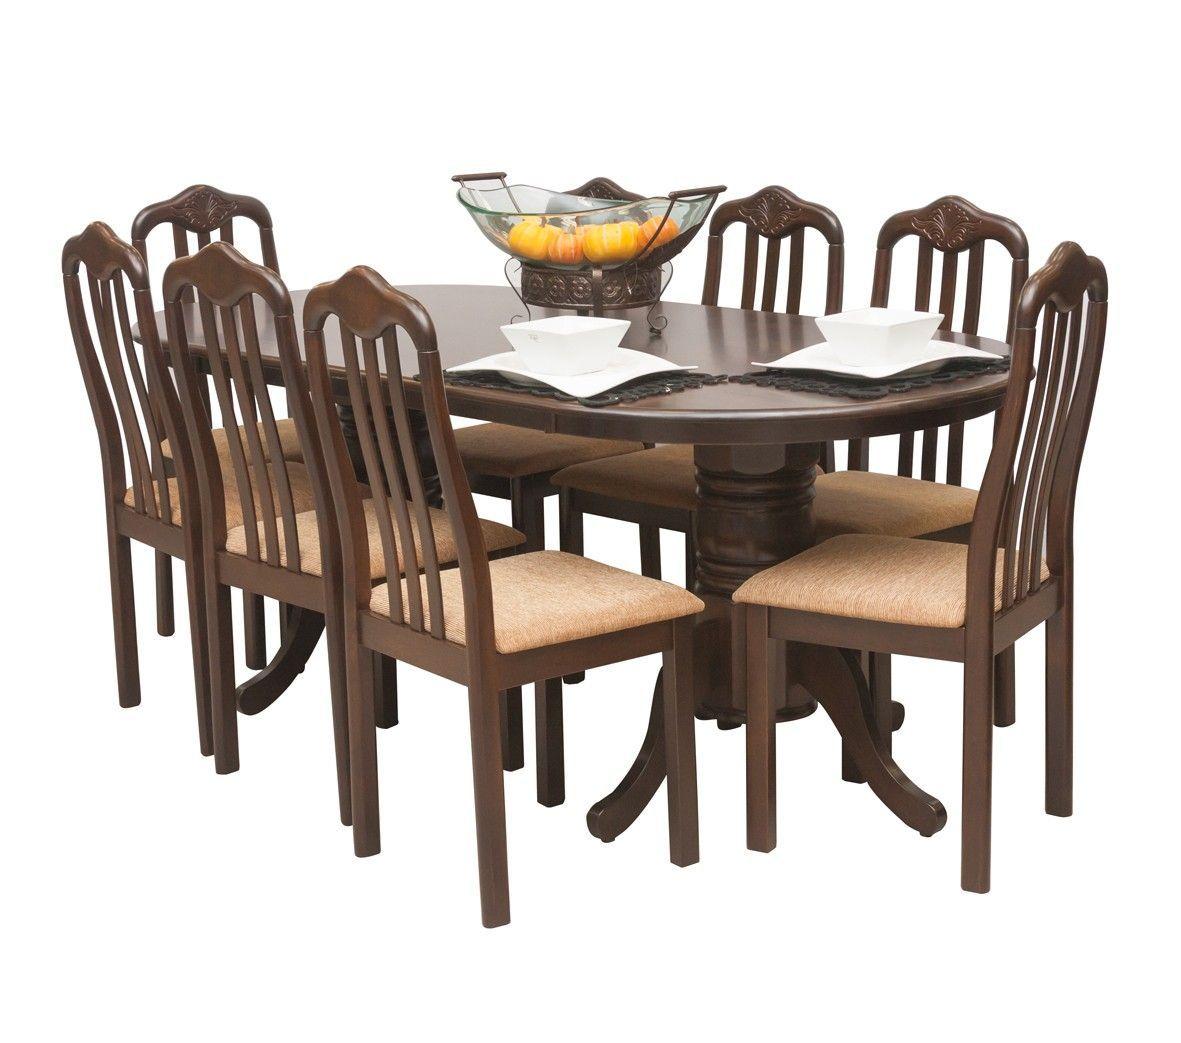 Caracter sticas principales juego de comedor para 8 for Juego de comedor de 8 sillas moderno